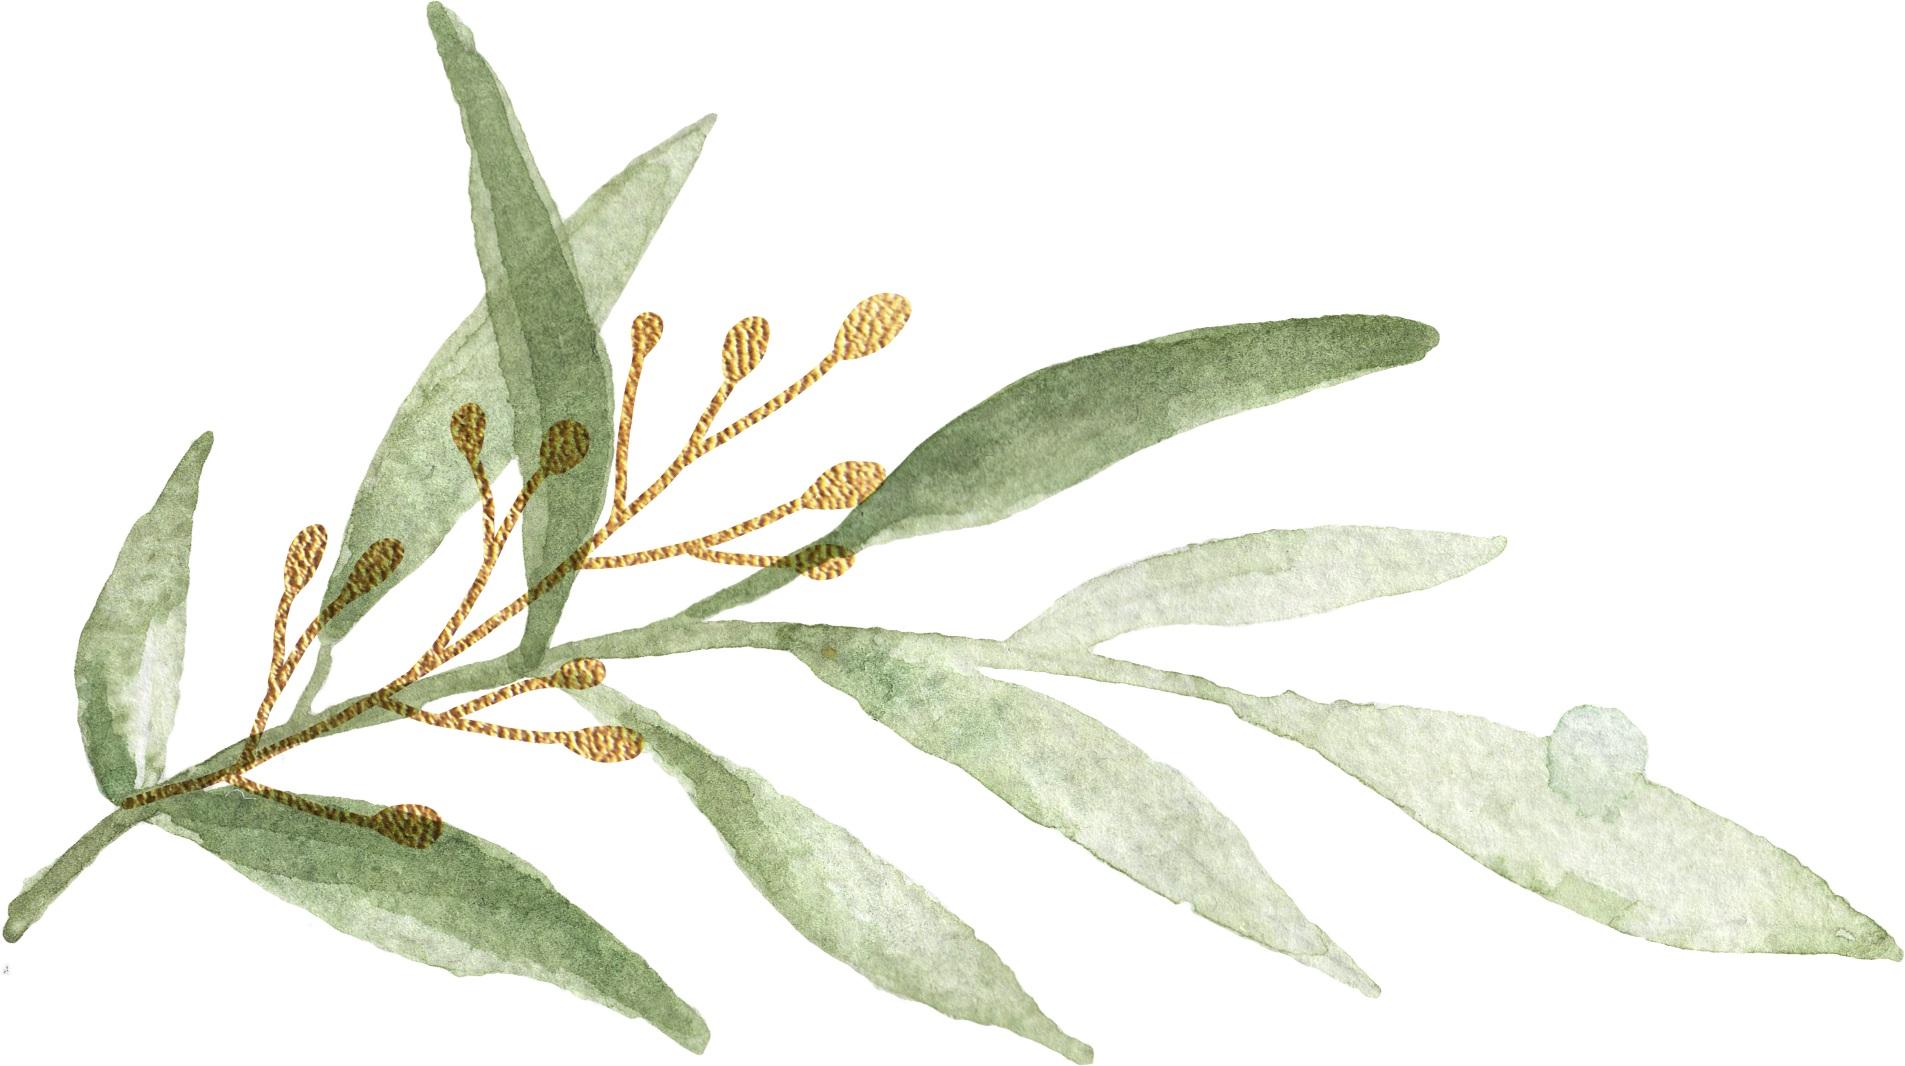 gold_leaf_arrangement_07.jpg